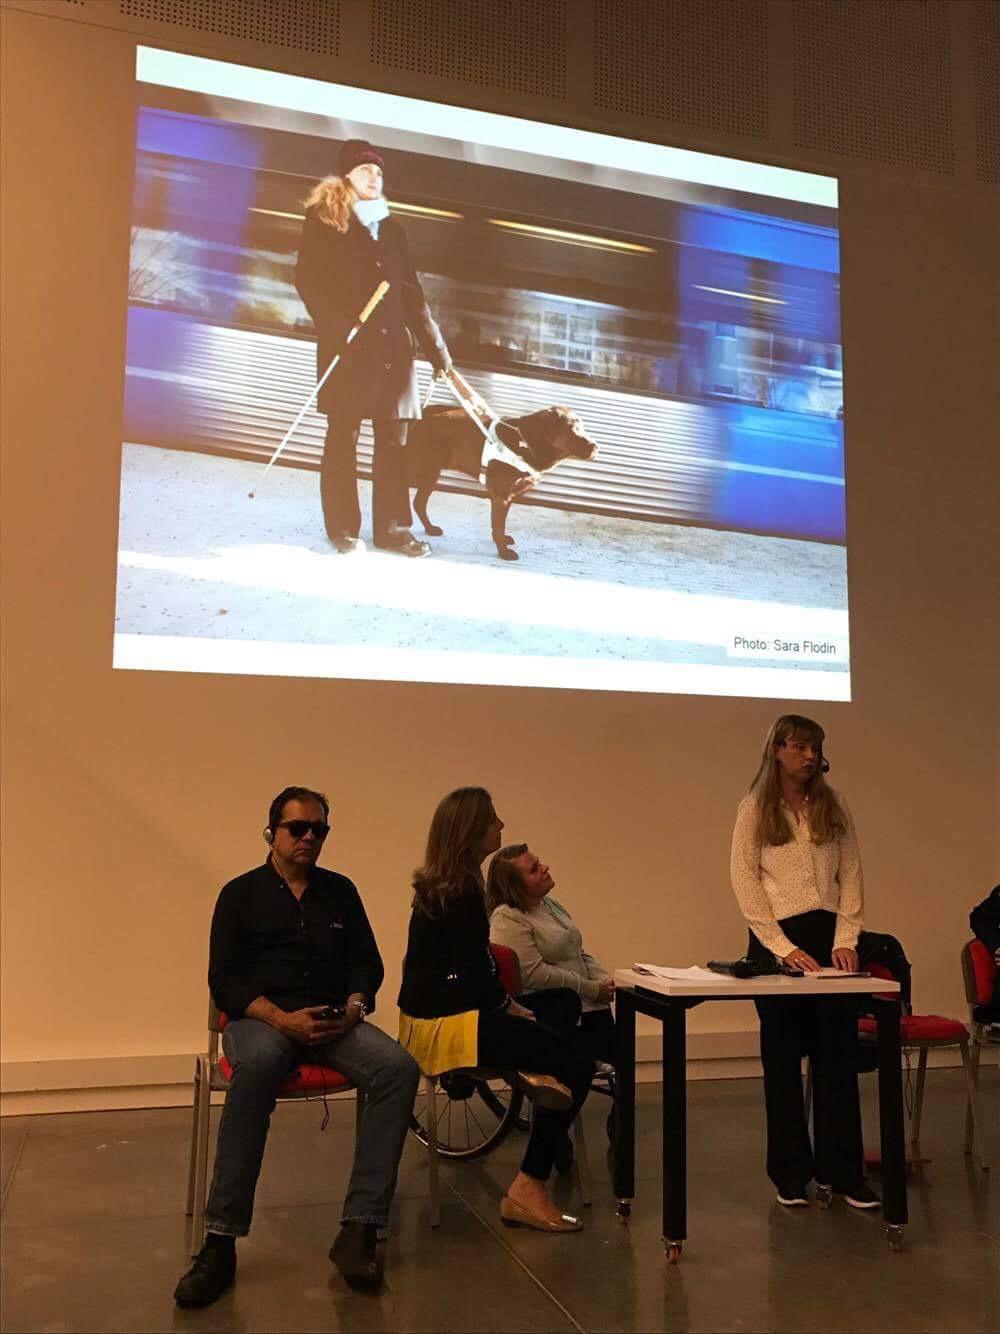 Jag föreläser iklädd ljus skjorta med projektorbild i bakgrunden. Bilden visar mig med brun ledarhund på tunnelbaneperrong.